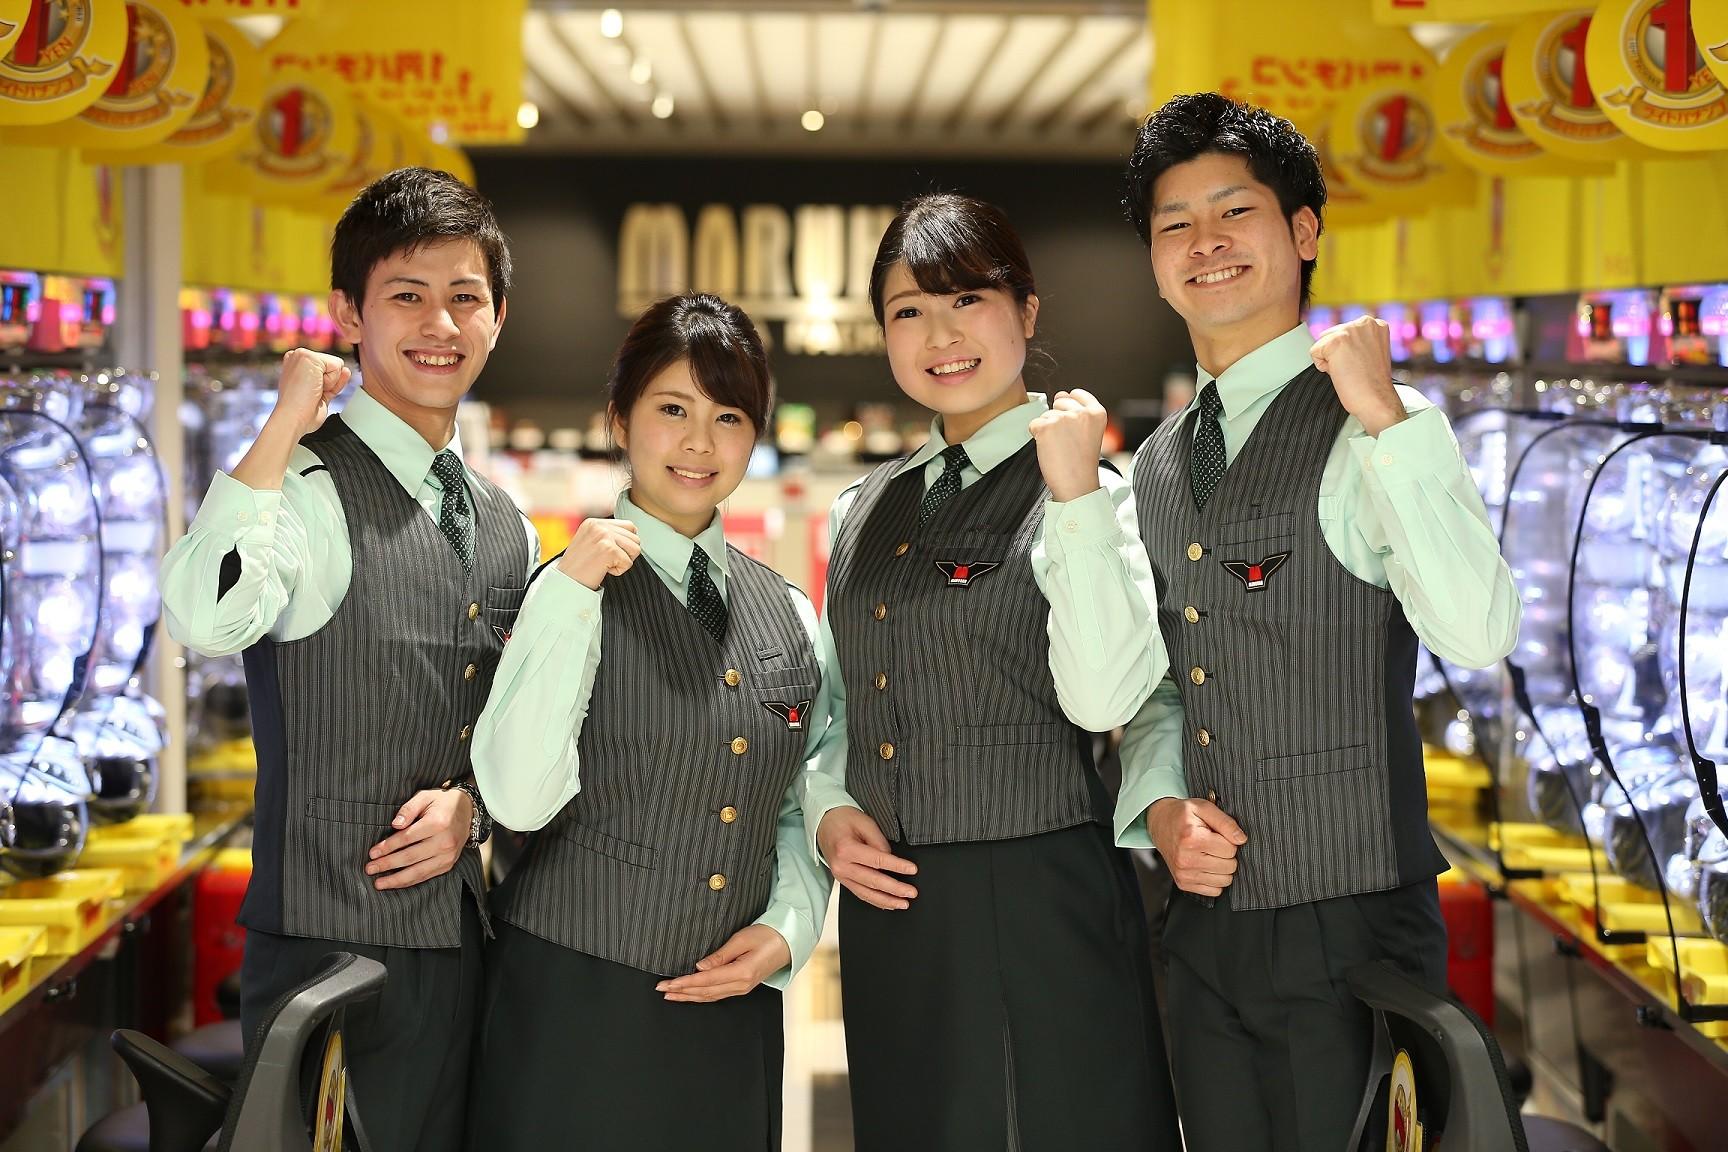 マルハン 和泉寺田店[2808] のアルバイト情報